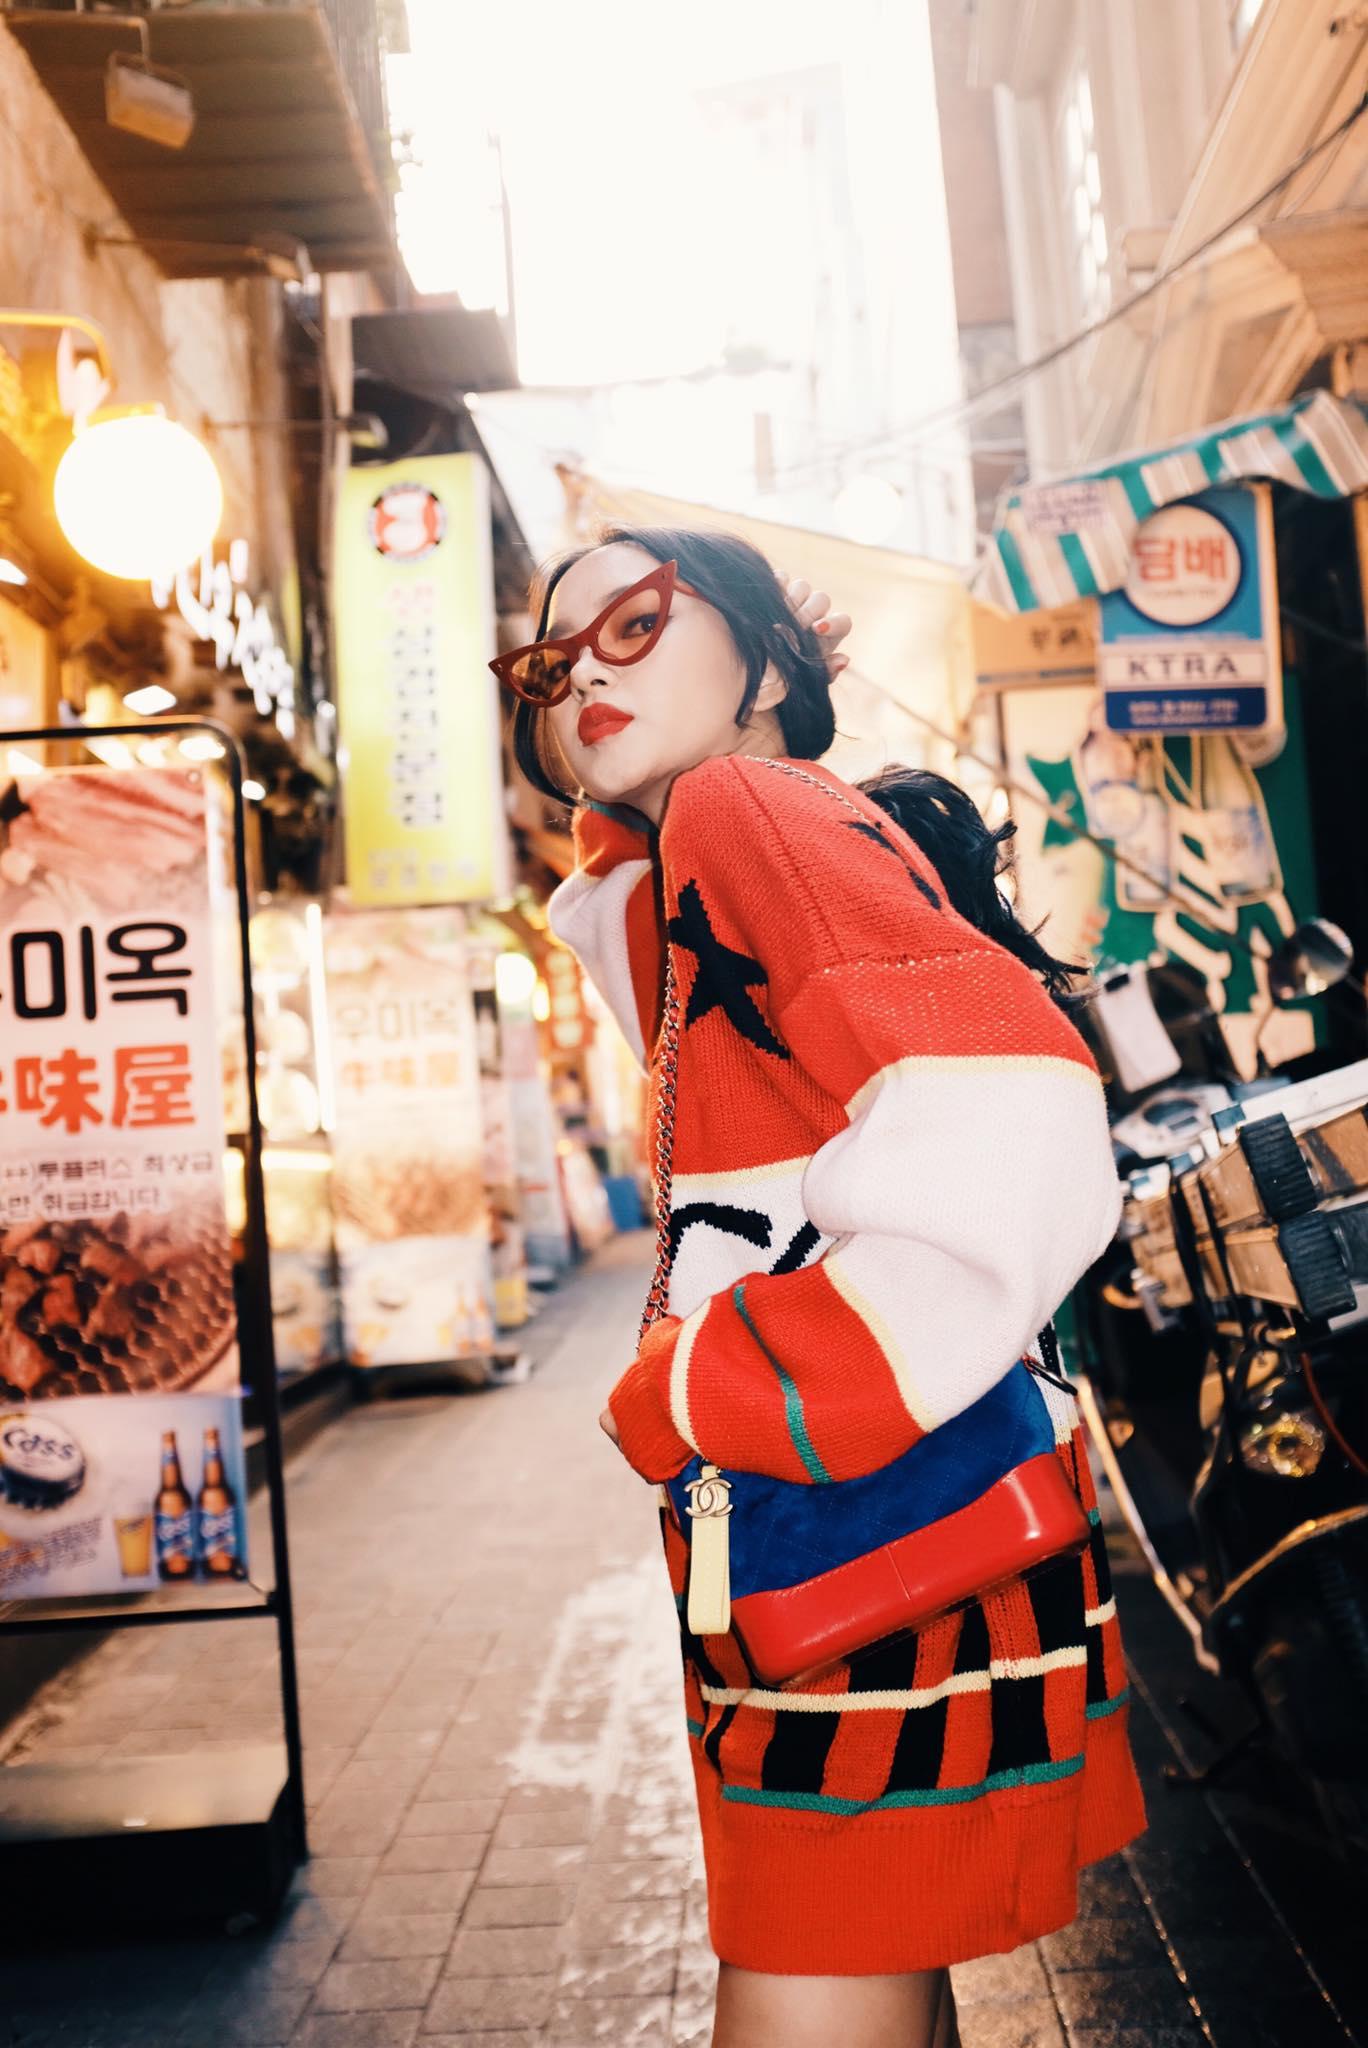 Dù đã đường ai nấy đi, Châu Bùi vẫn diện áo của shop Decao sang tận Seoul khoe street style chất miễn bàn - Ảnh 2.